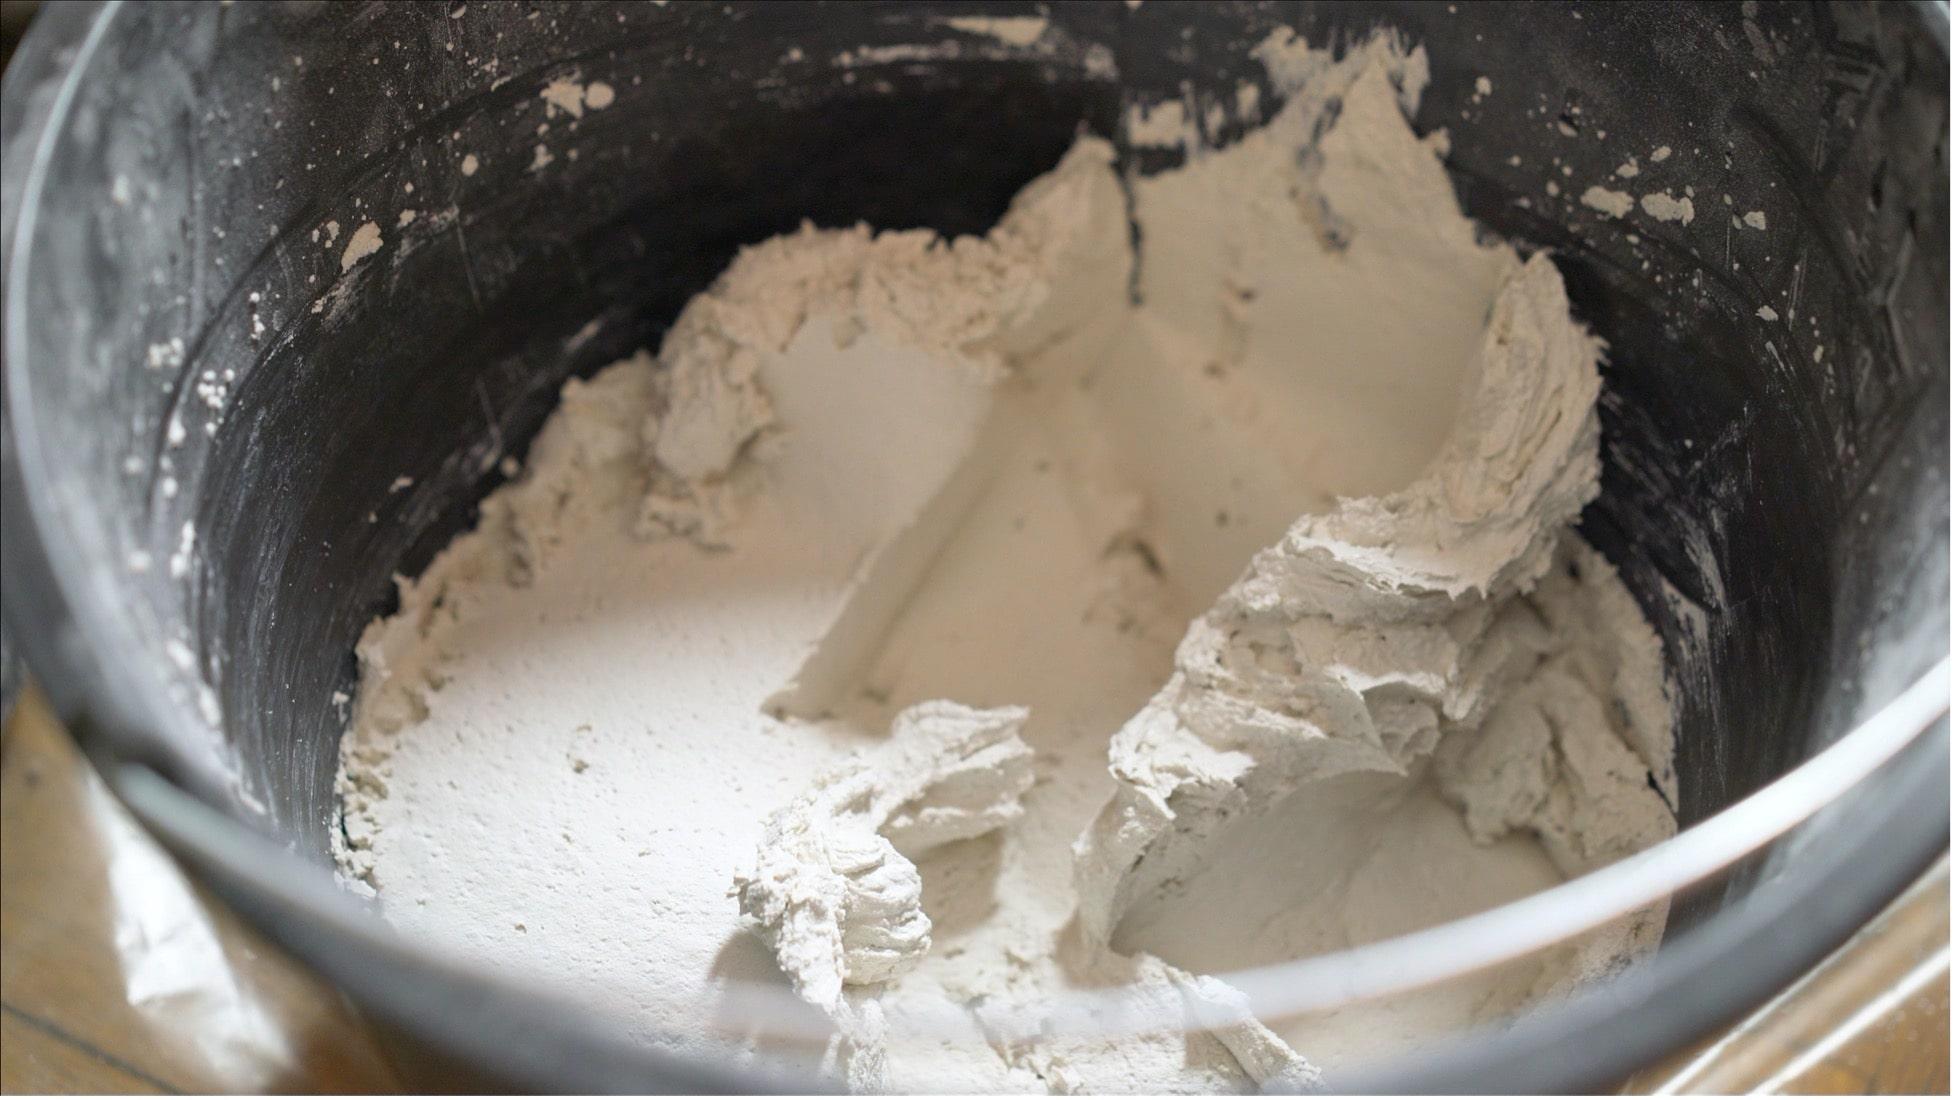 concrete-mixers-cement-clouseup-powder -min